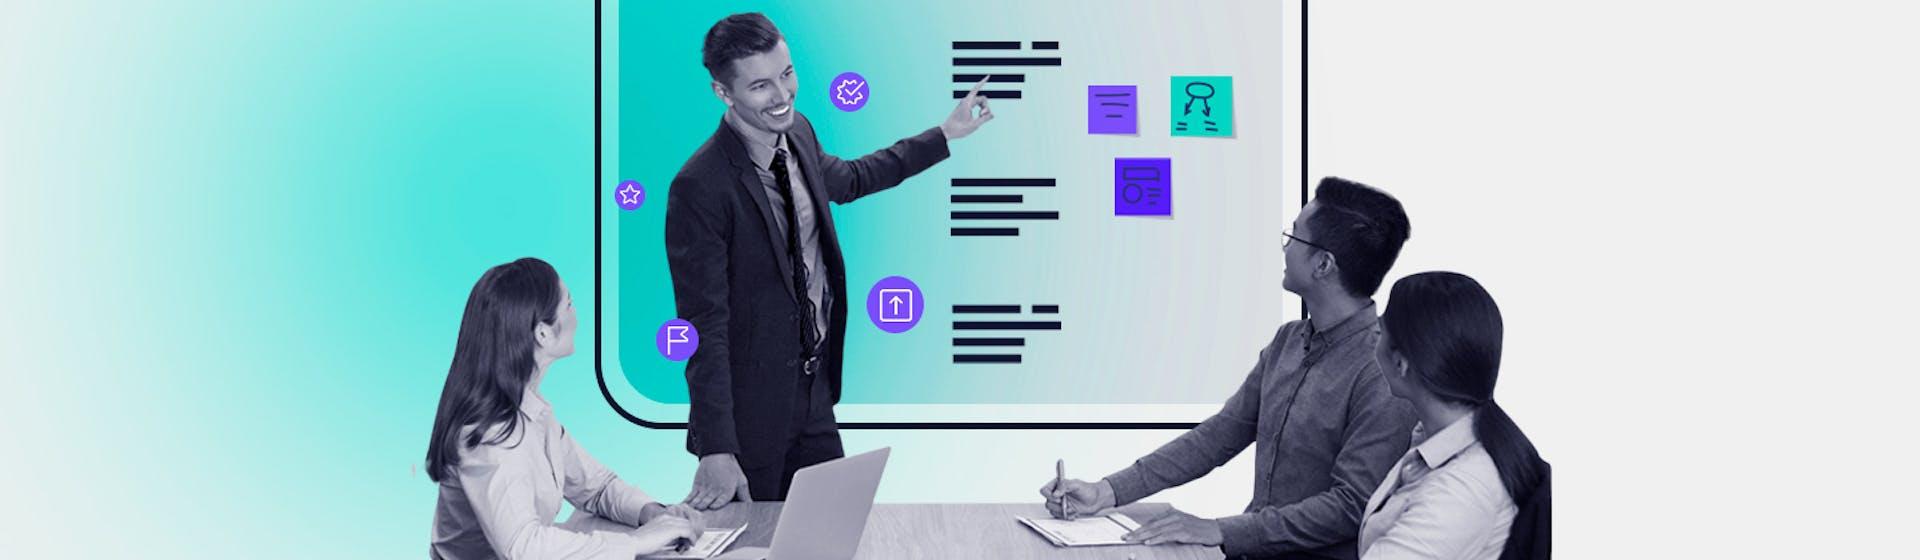 Conviértete en un Agile Coach y recibe muchas ofertas laborales